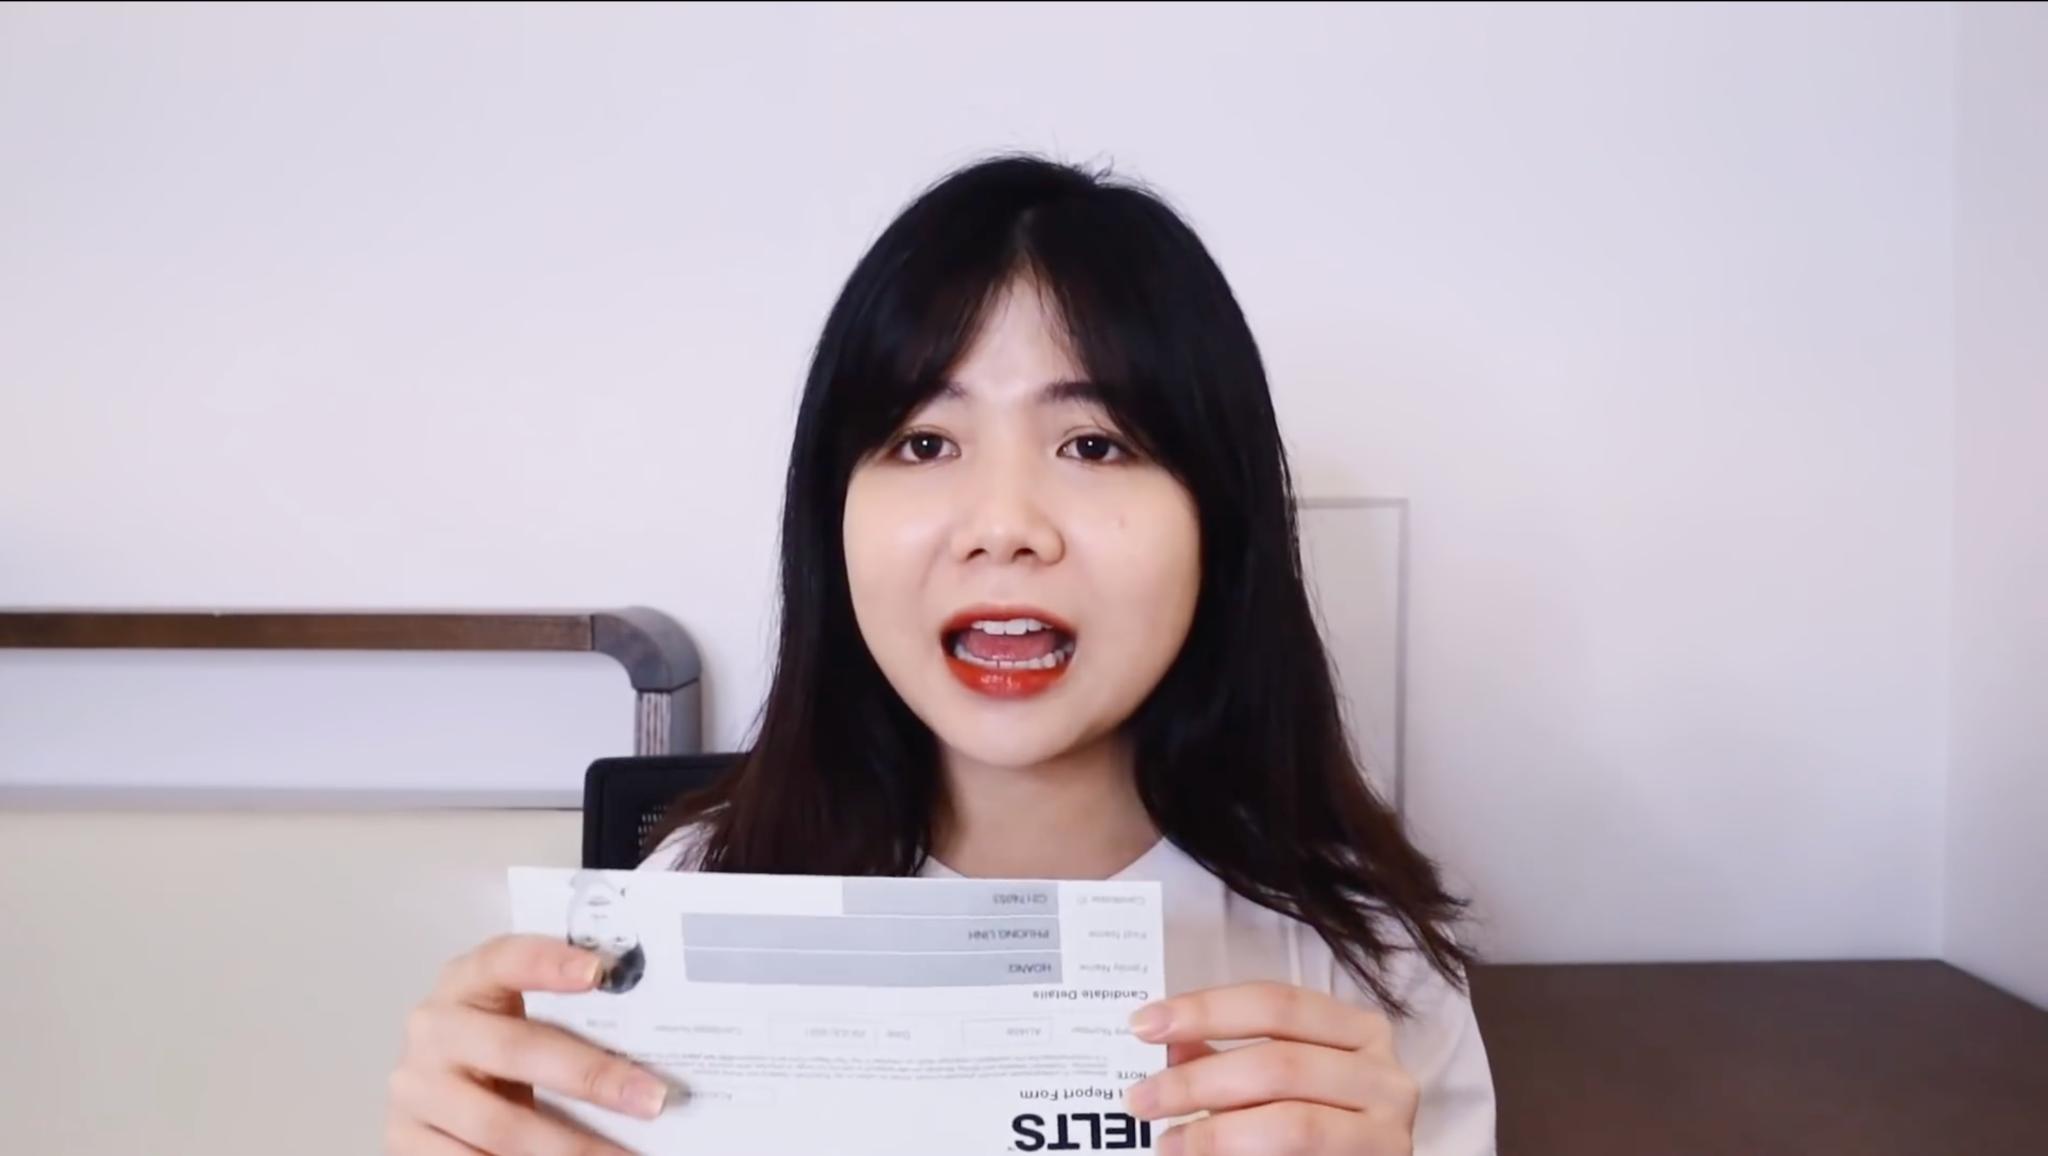 Nhờ được chấm chữa bài qua PREP, Phương Linh đã cải thiện điểm số kỹ năng Writing trong lần thi này. Ảnh chụp màn hình: Youtube @hoangphuonglinh